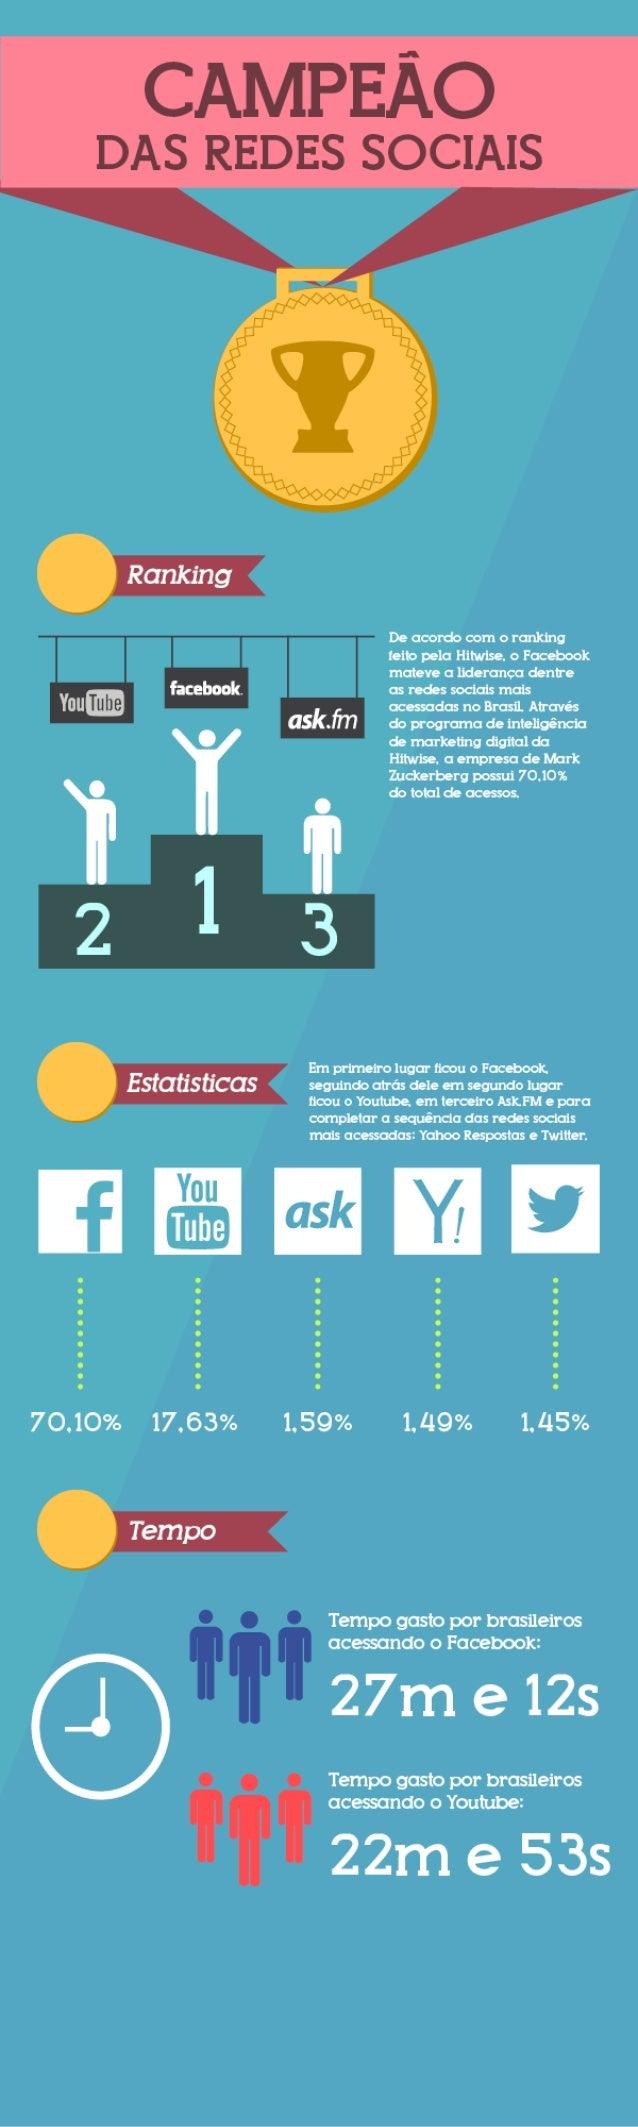 Infográfico: Ranking das Mídias Sociais